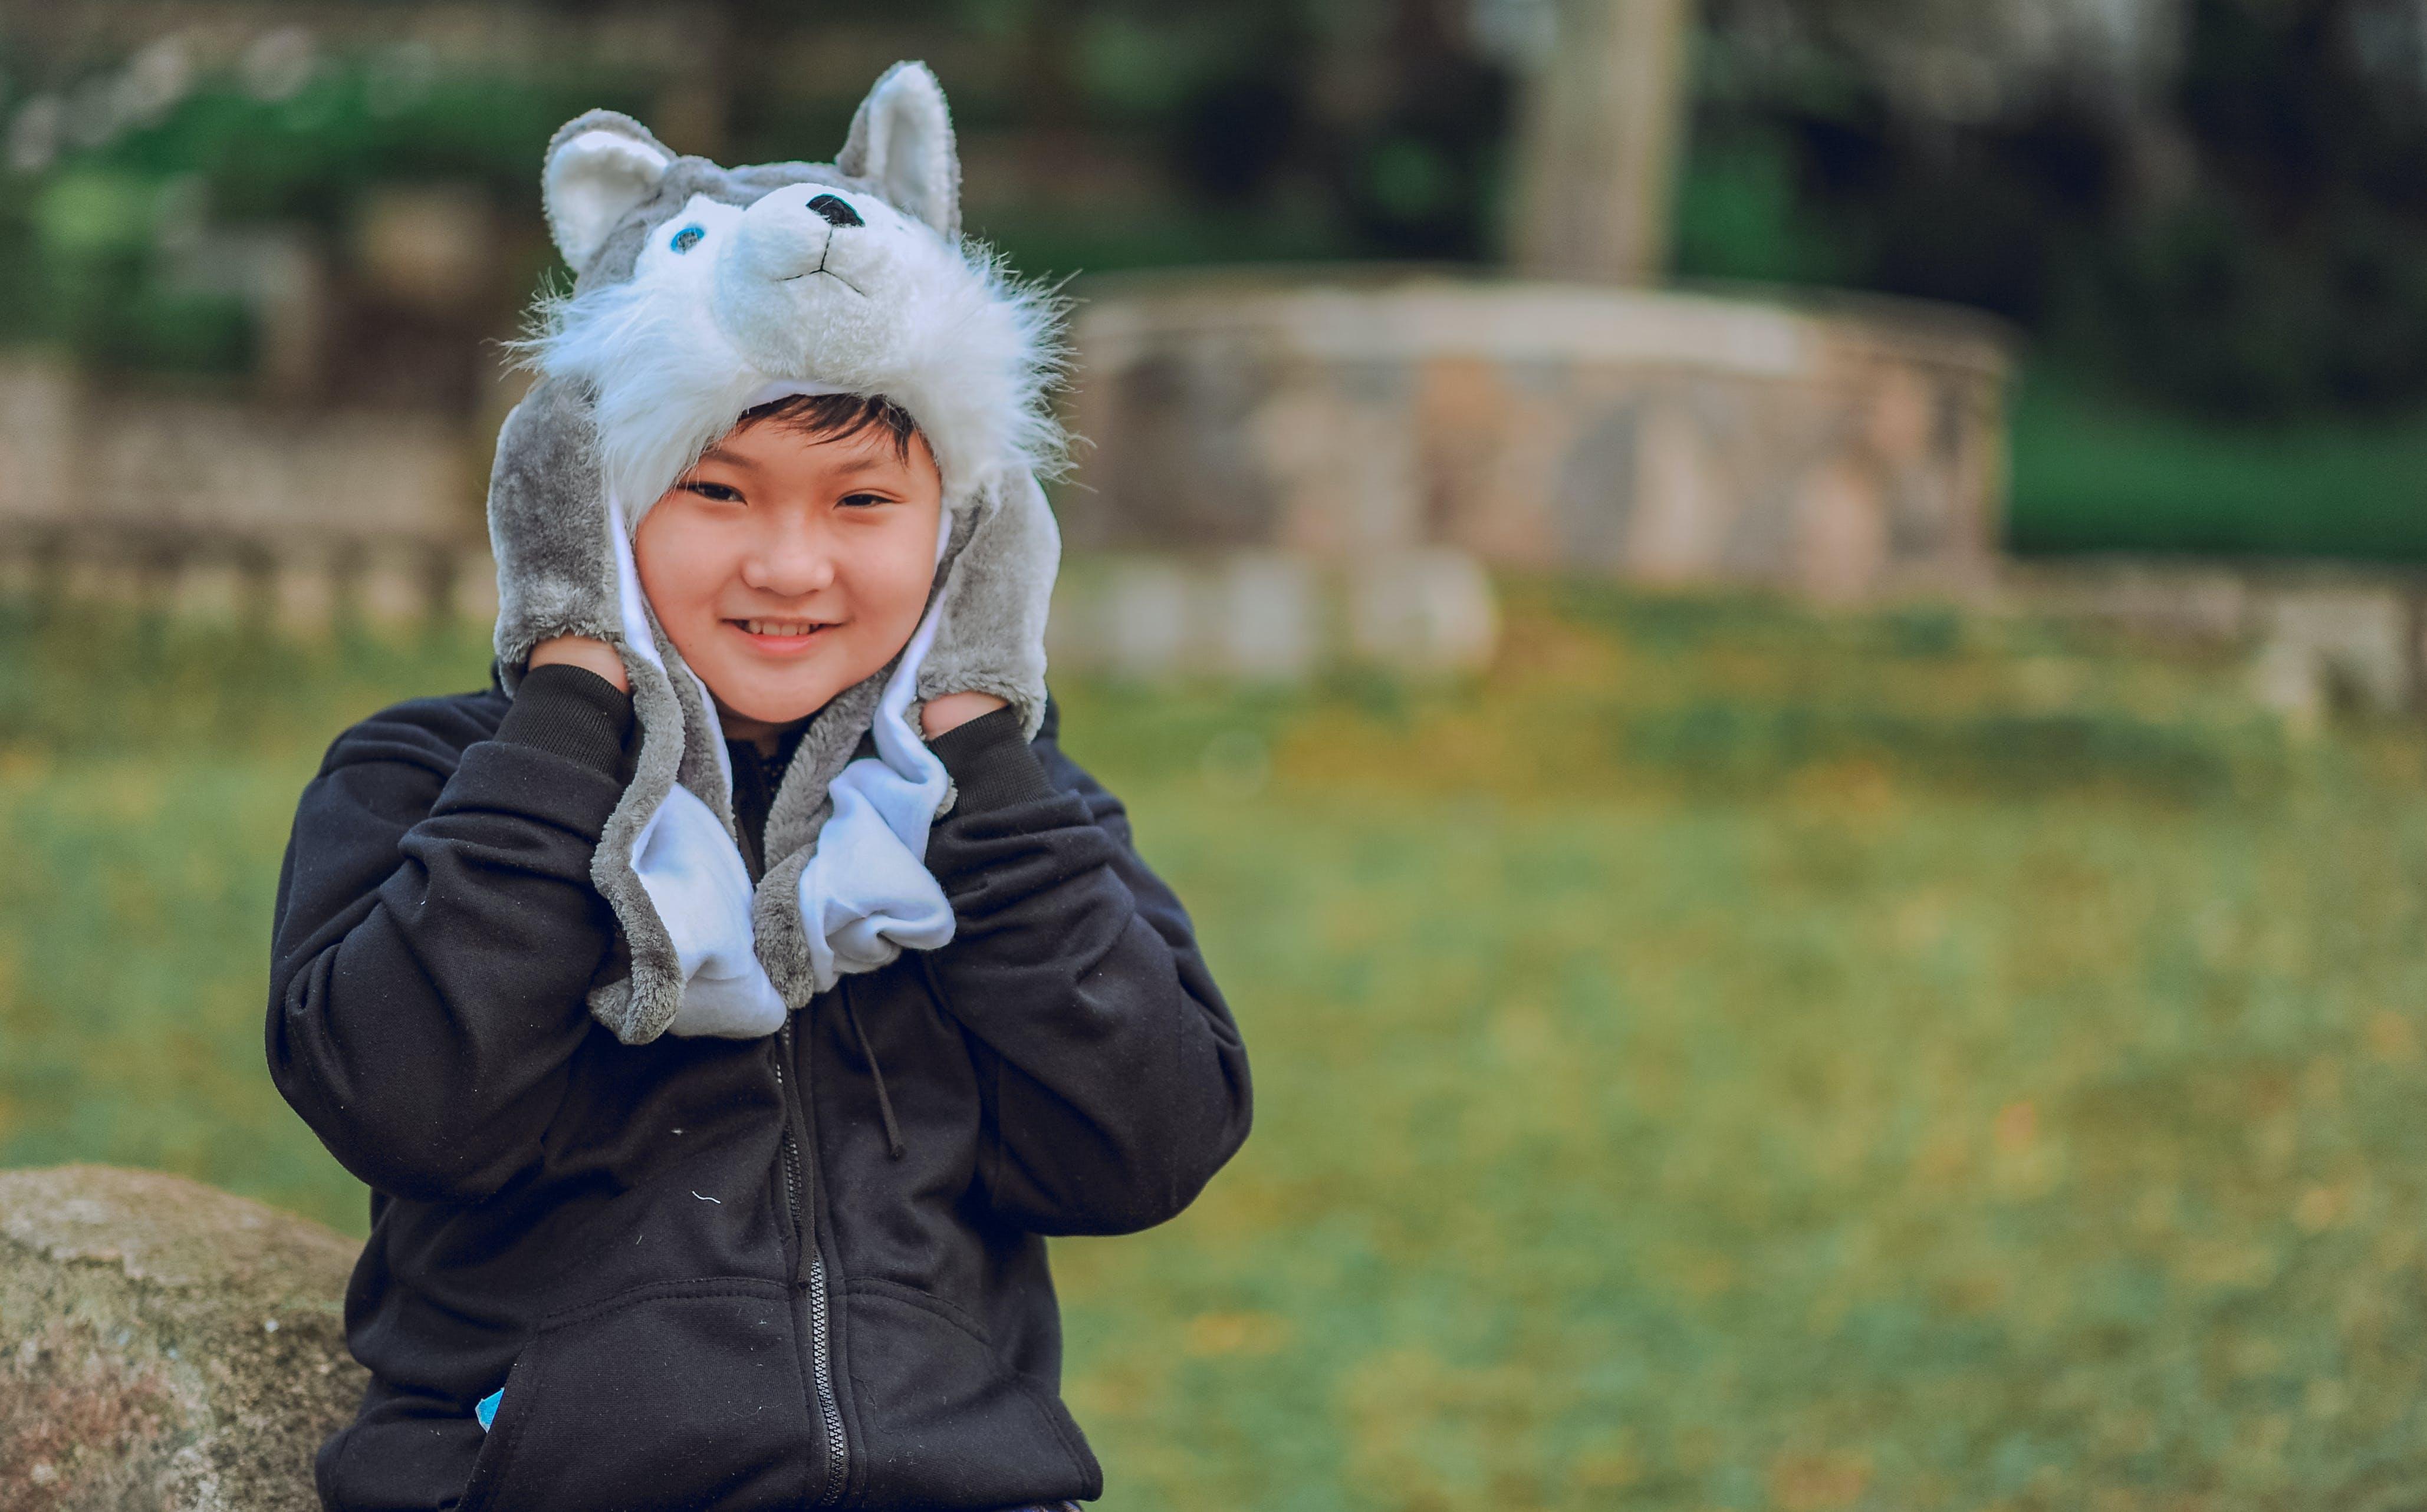 Fotos de stock gratuitas de césped, chaval, chico asiático, joven